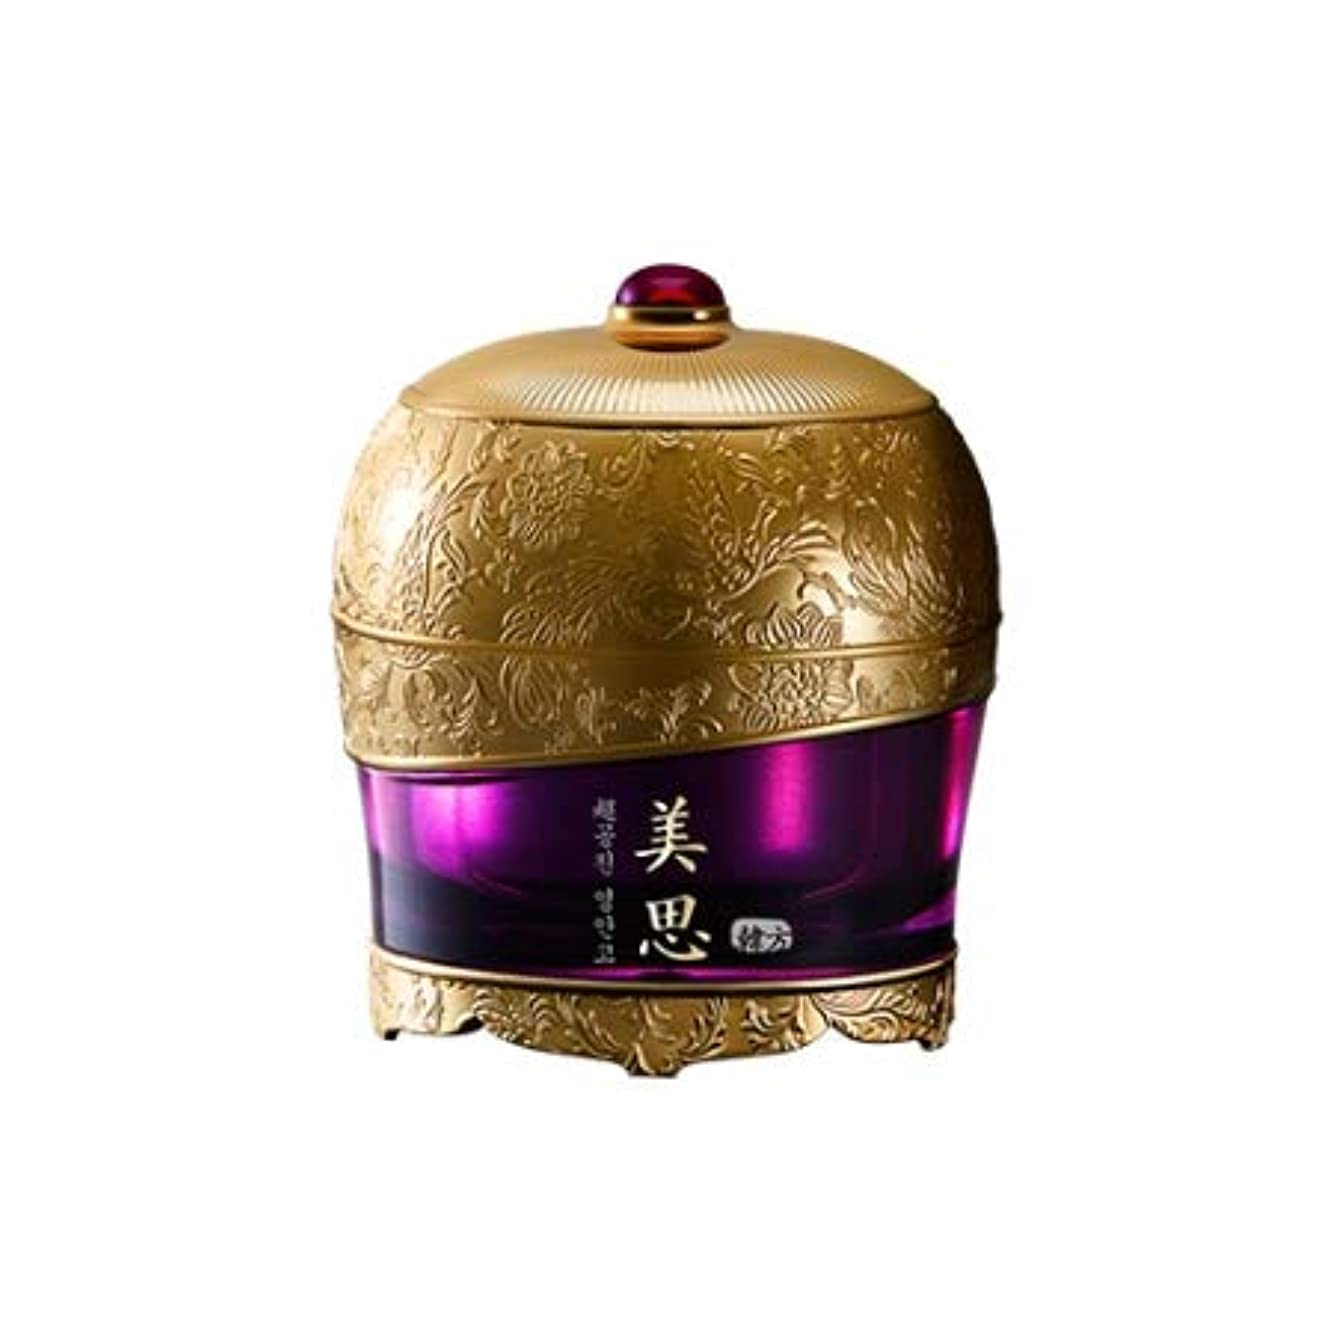 資本おっと頑張るMISSHA Chogongjin Premium cream ミシャ美思超拱辰(チョゴンジン) 永安膏 クリーム クリーム 60ml [並行輸入品]